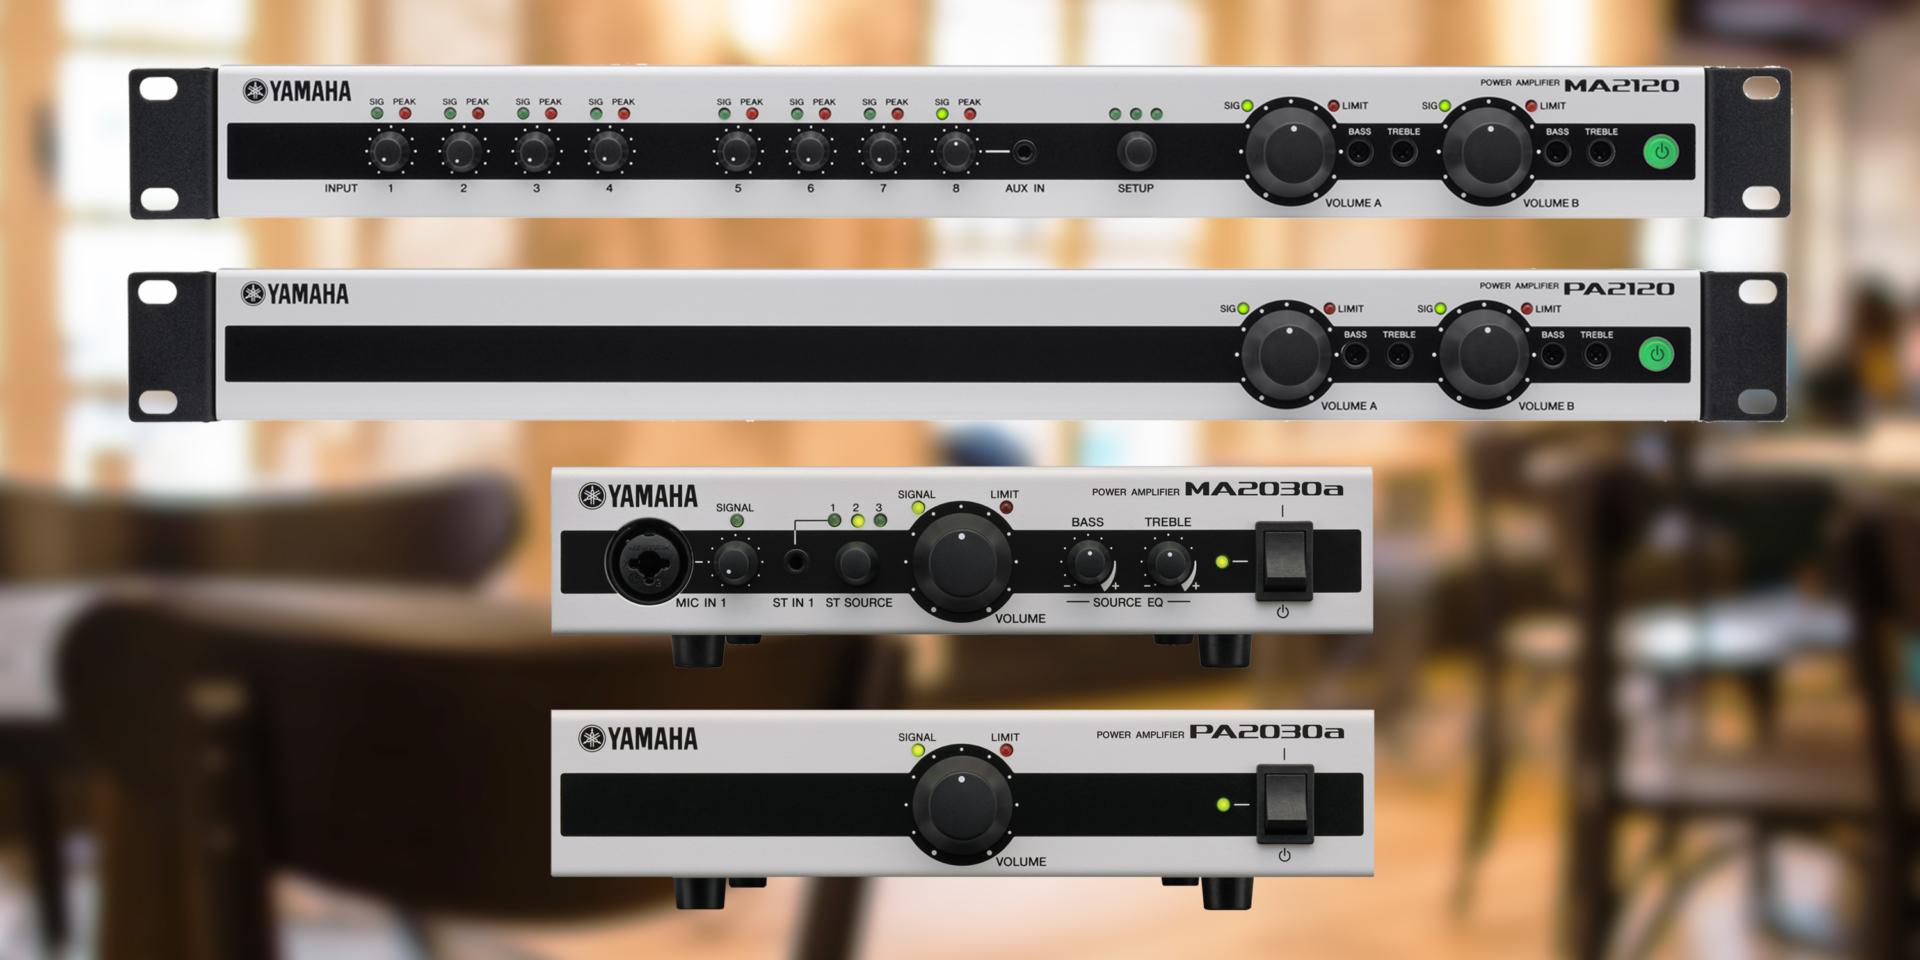 Gli amplificatori Yamaha Serie MA e PA offrono funzioni potenti in uno chassis in metallo resistente e compatto ideale per installazioni commerciali. Progettati per un'operatività semplice e intuitiva, non richiedono alcuna esperienza musicale o tecnica.